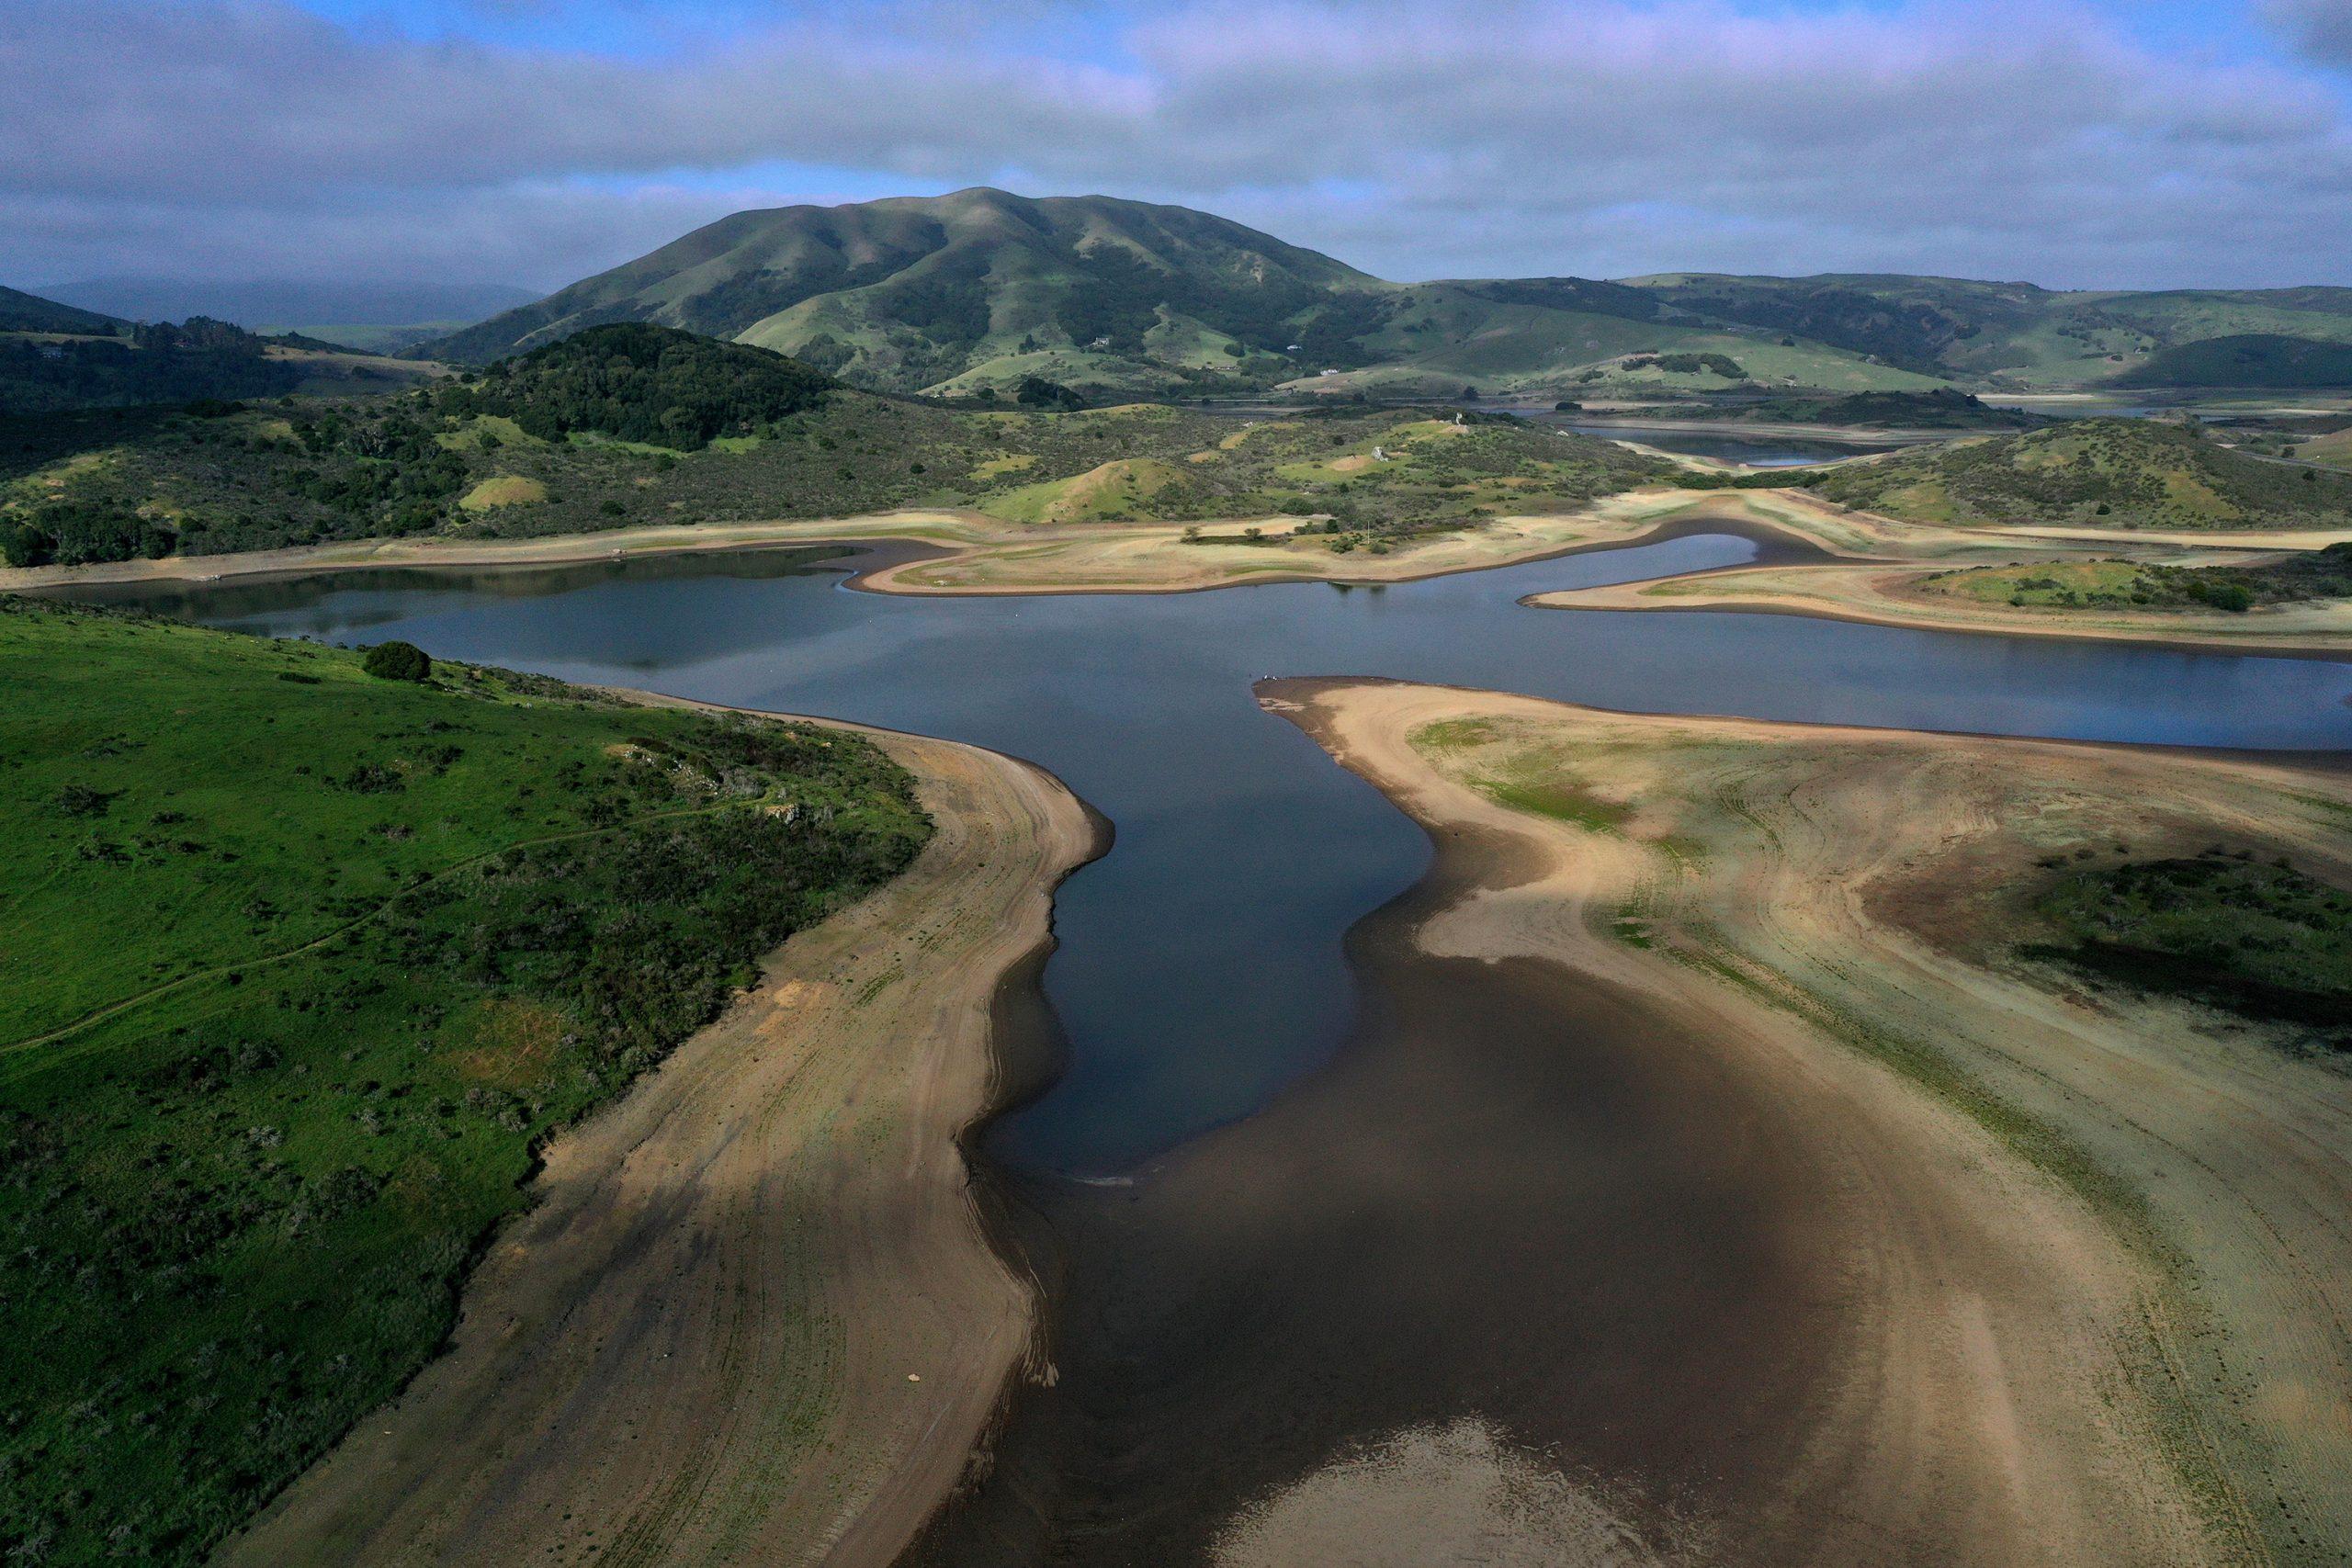 米西部で高まる大干ばつのリスク、「危険な夏」へ備えを